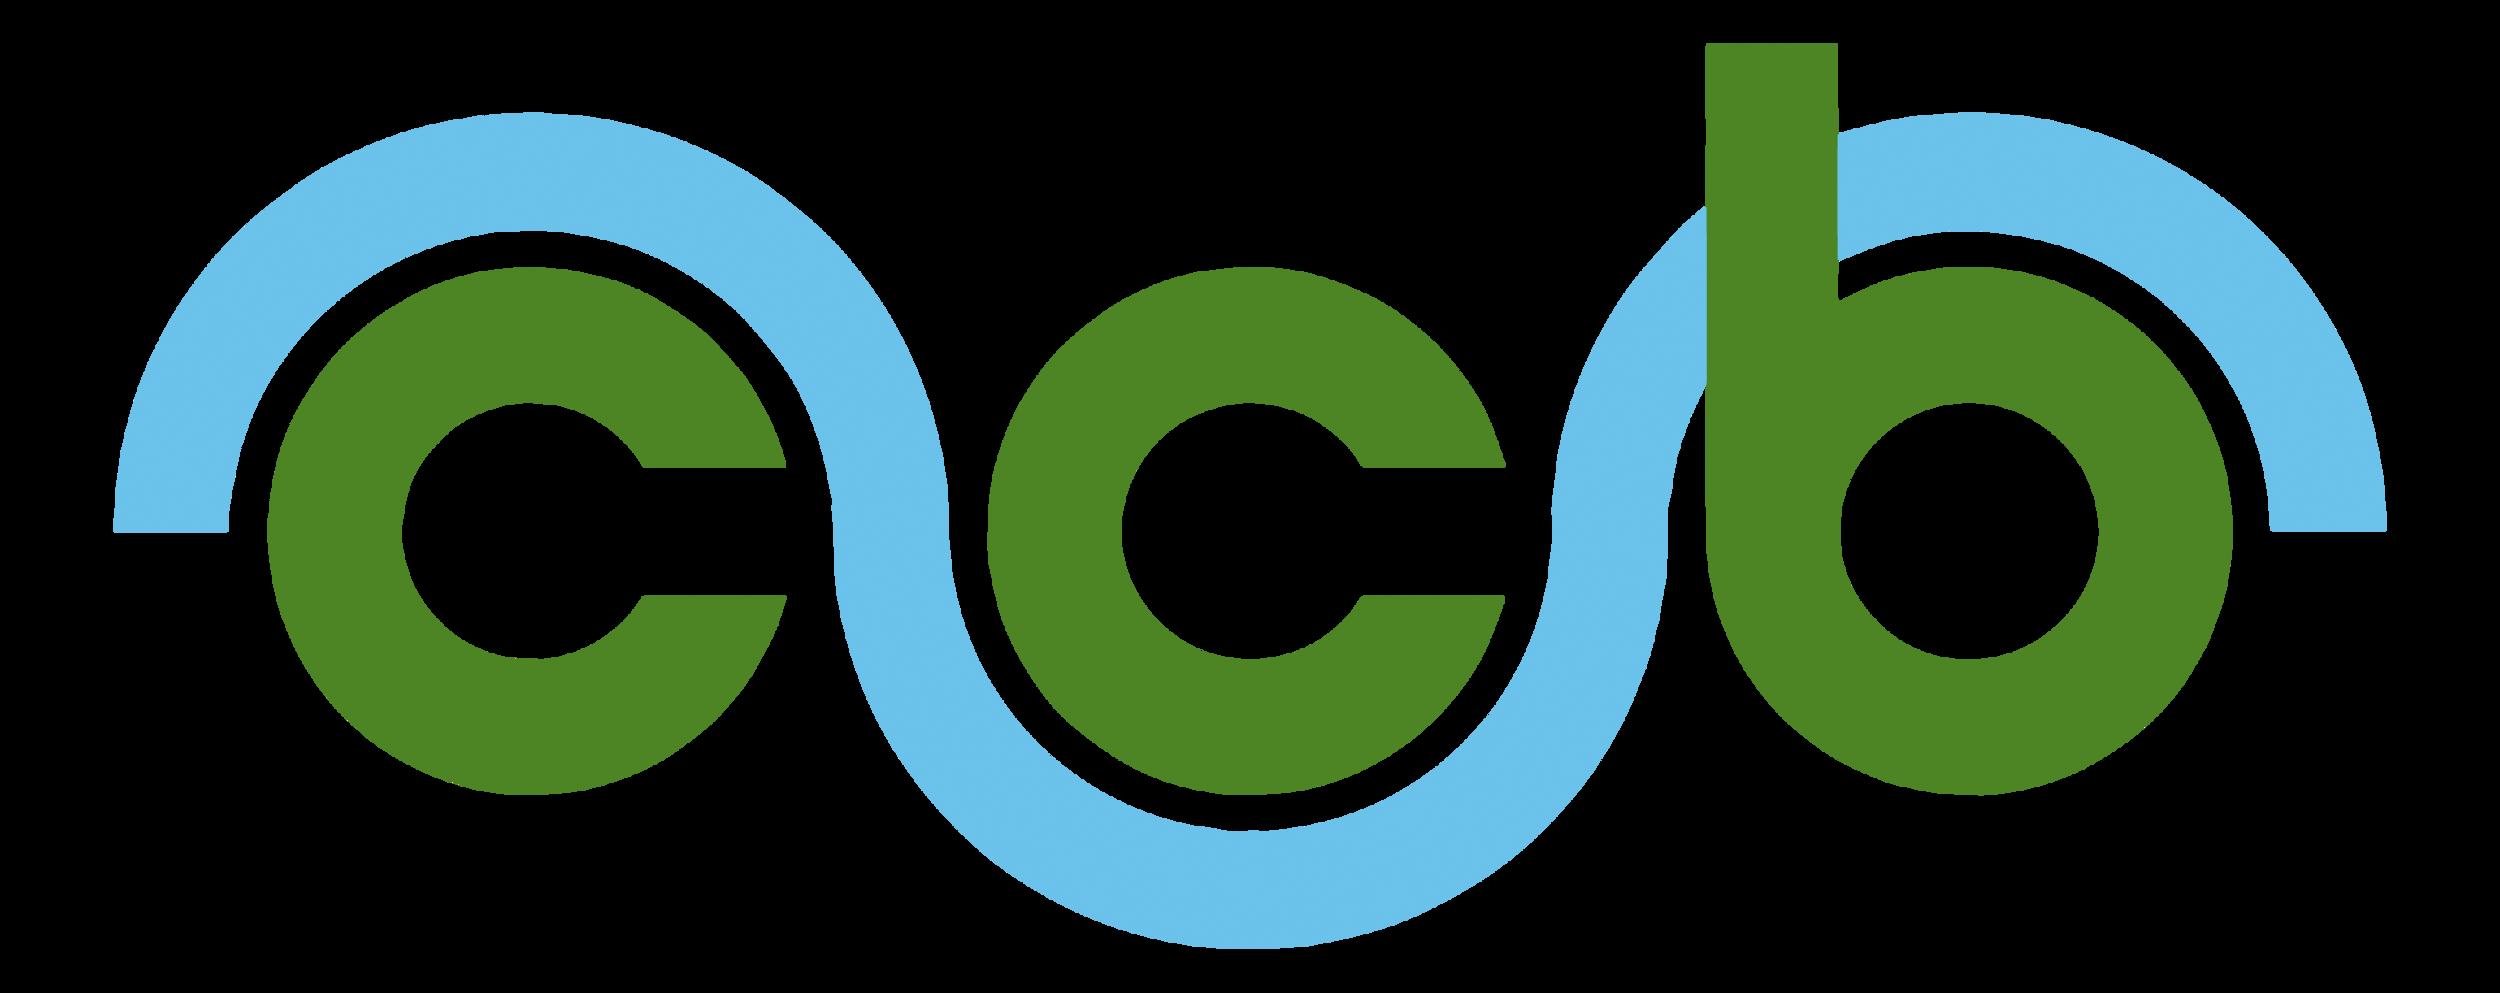 CUCKMERE BUSES [redrawn logo]_april 2017.png